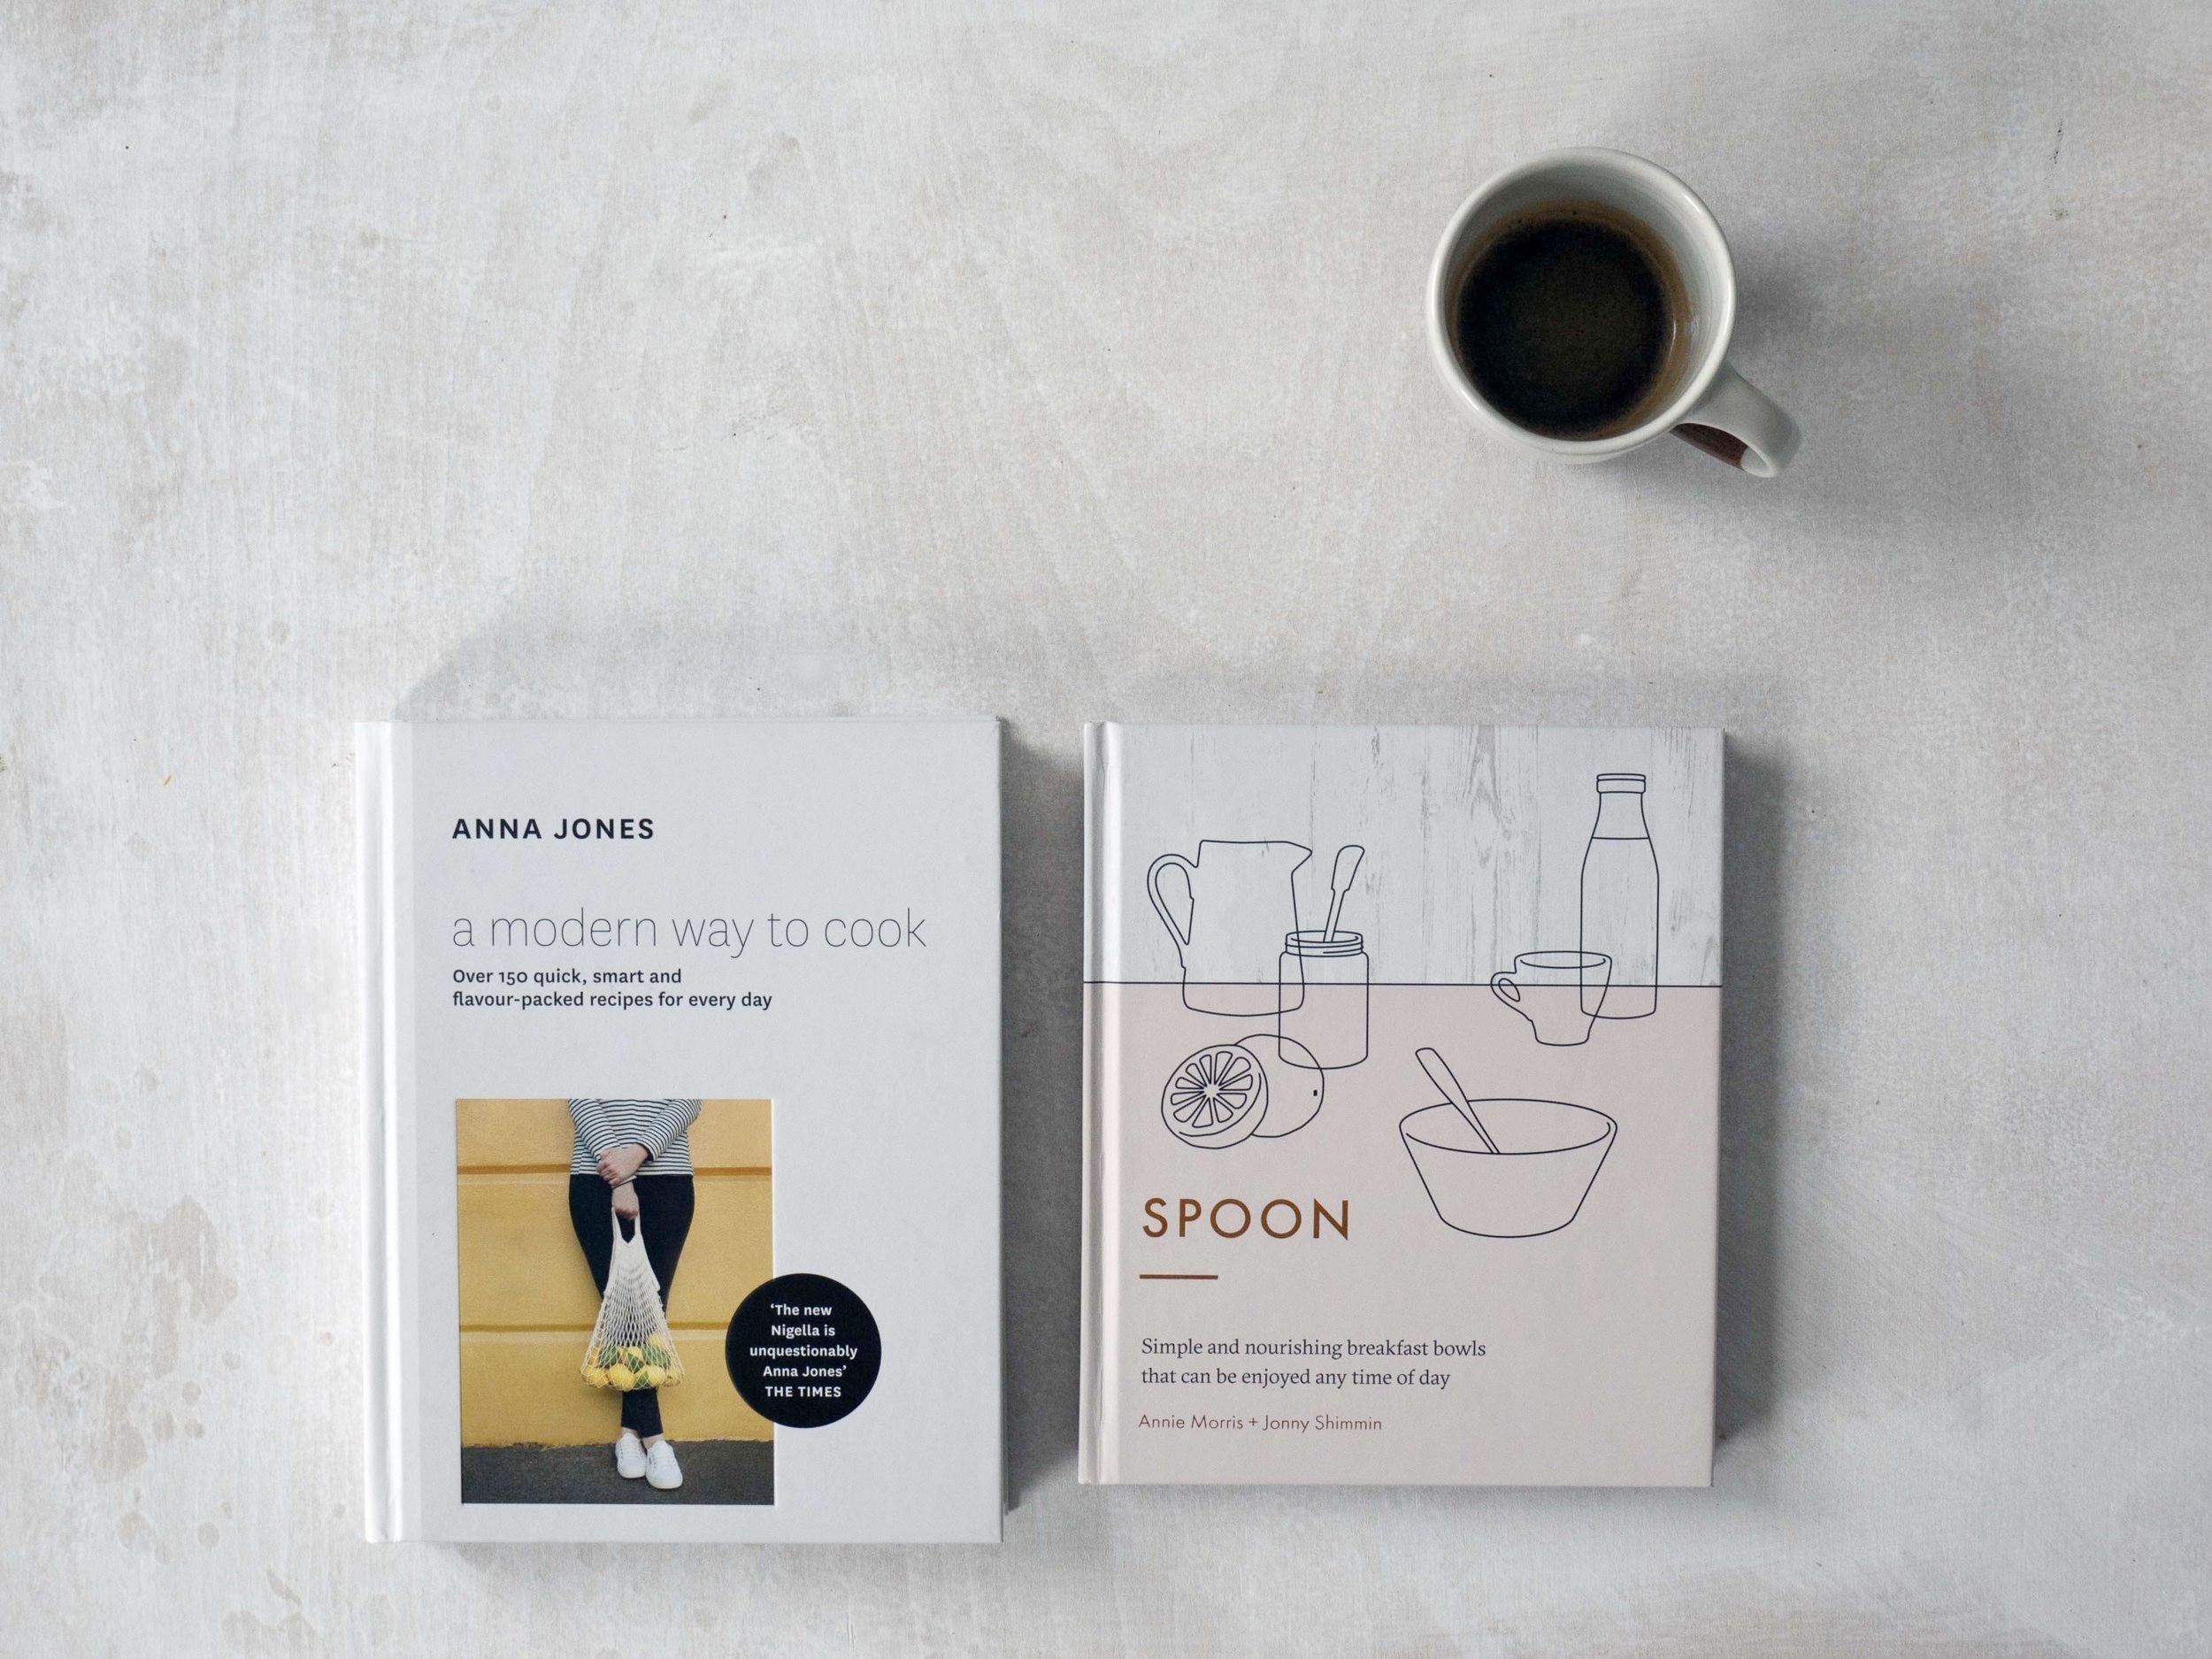 Spoon Cookbook giveaway - Anna Jones - image 2.jpg